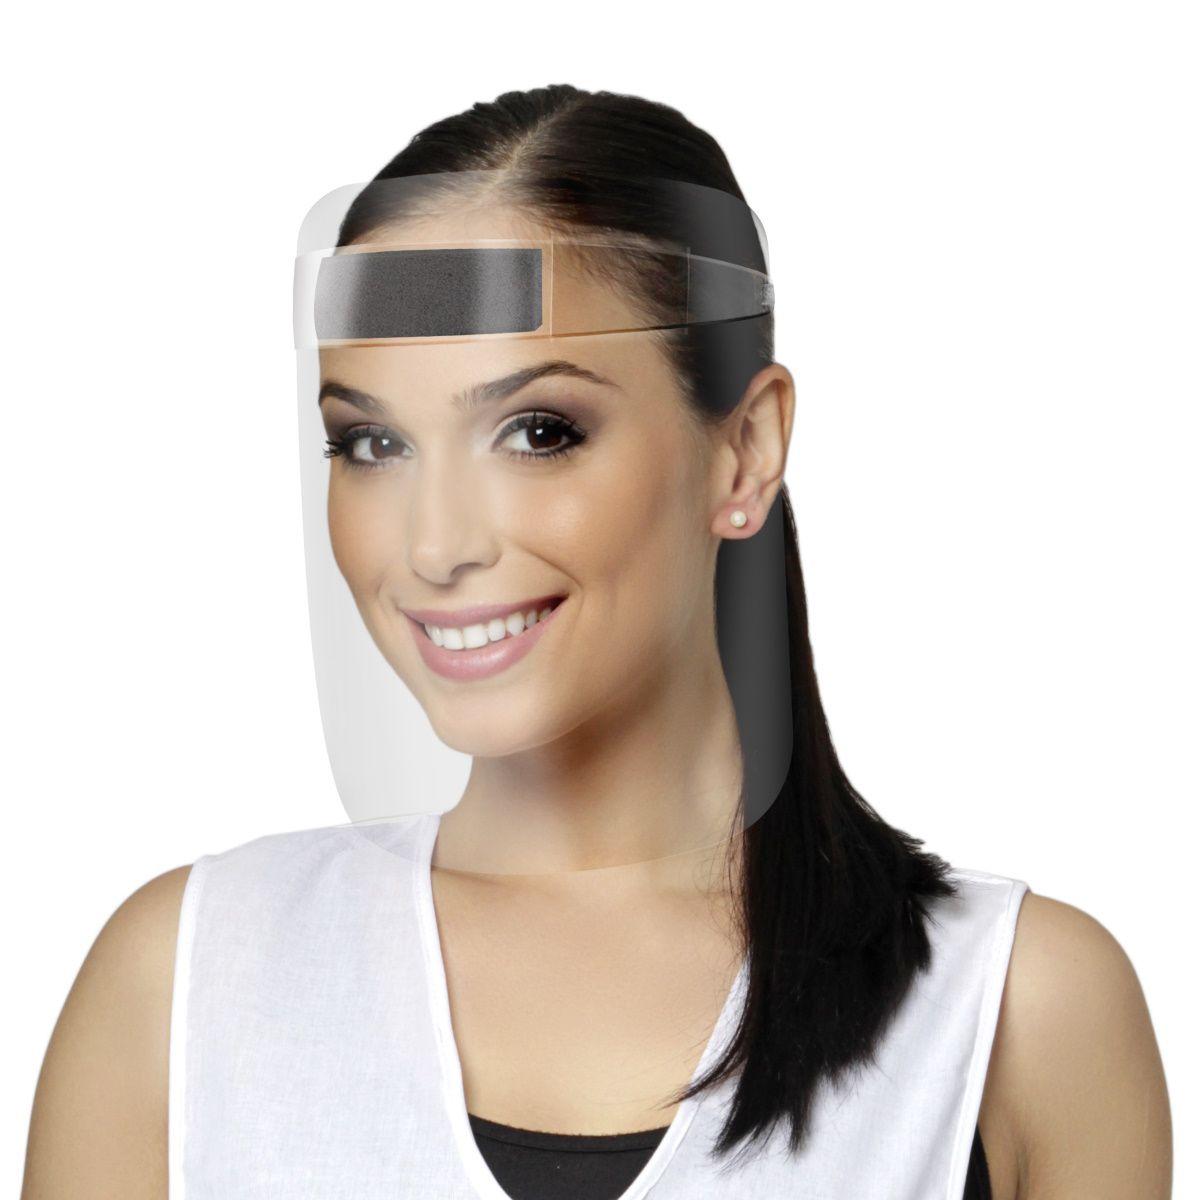 Máscara Facial Protetora 5 UN Anti Respingos e Gotículas - Santa Clara EAN 7897169253469